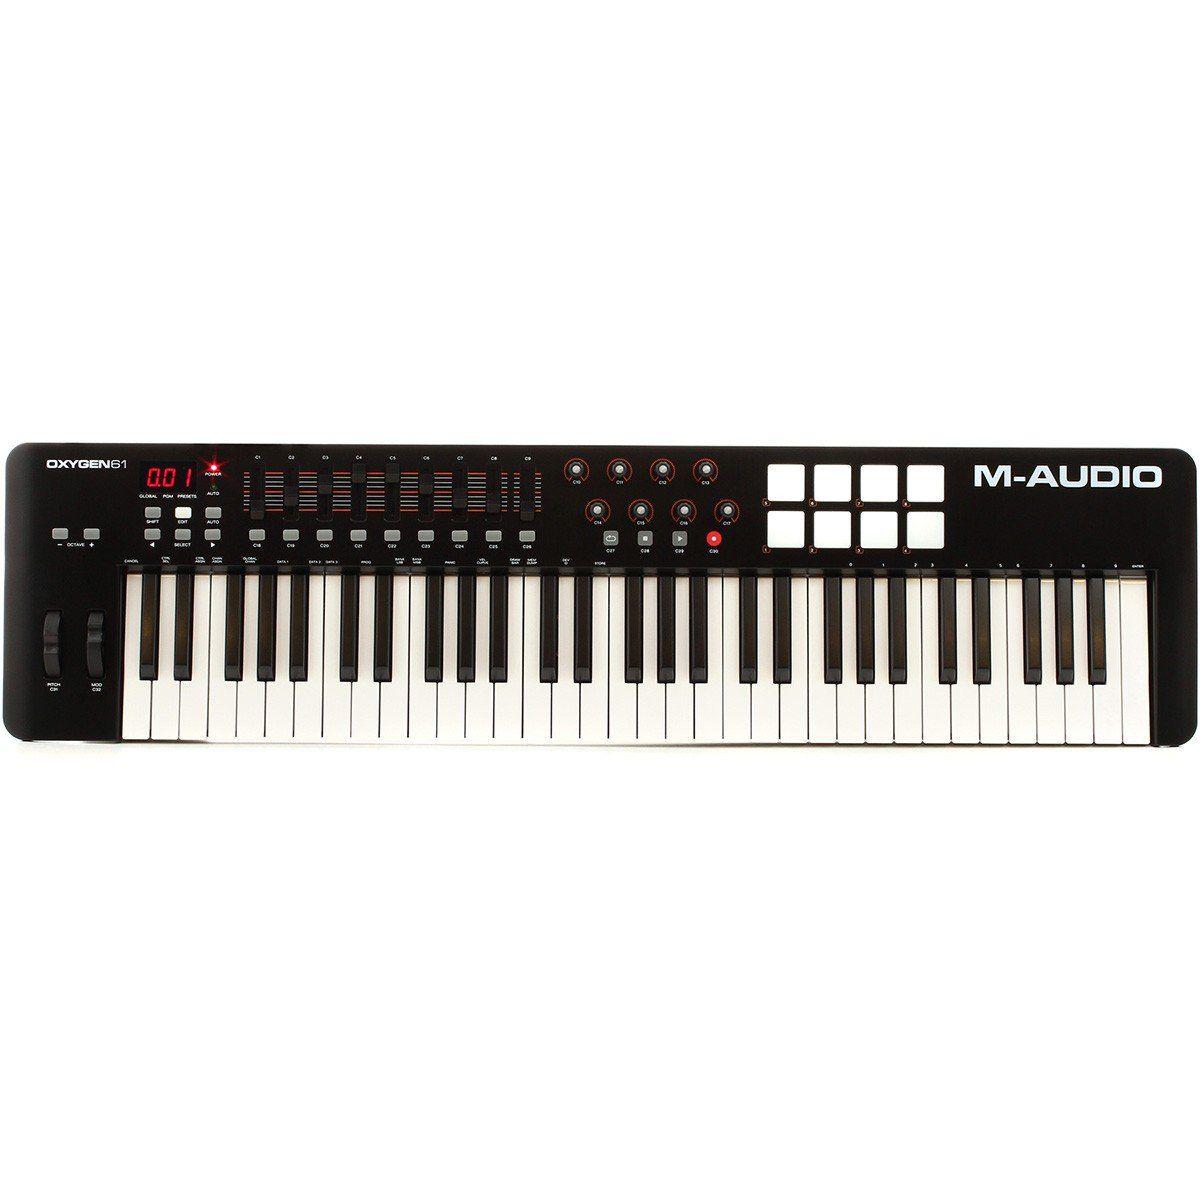 M-Audio Oxygen 61 MK IV Controladora Midi para Gravação e Produção Musical